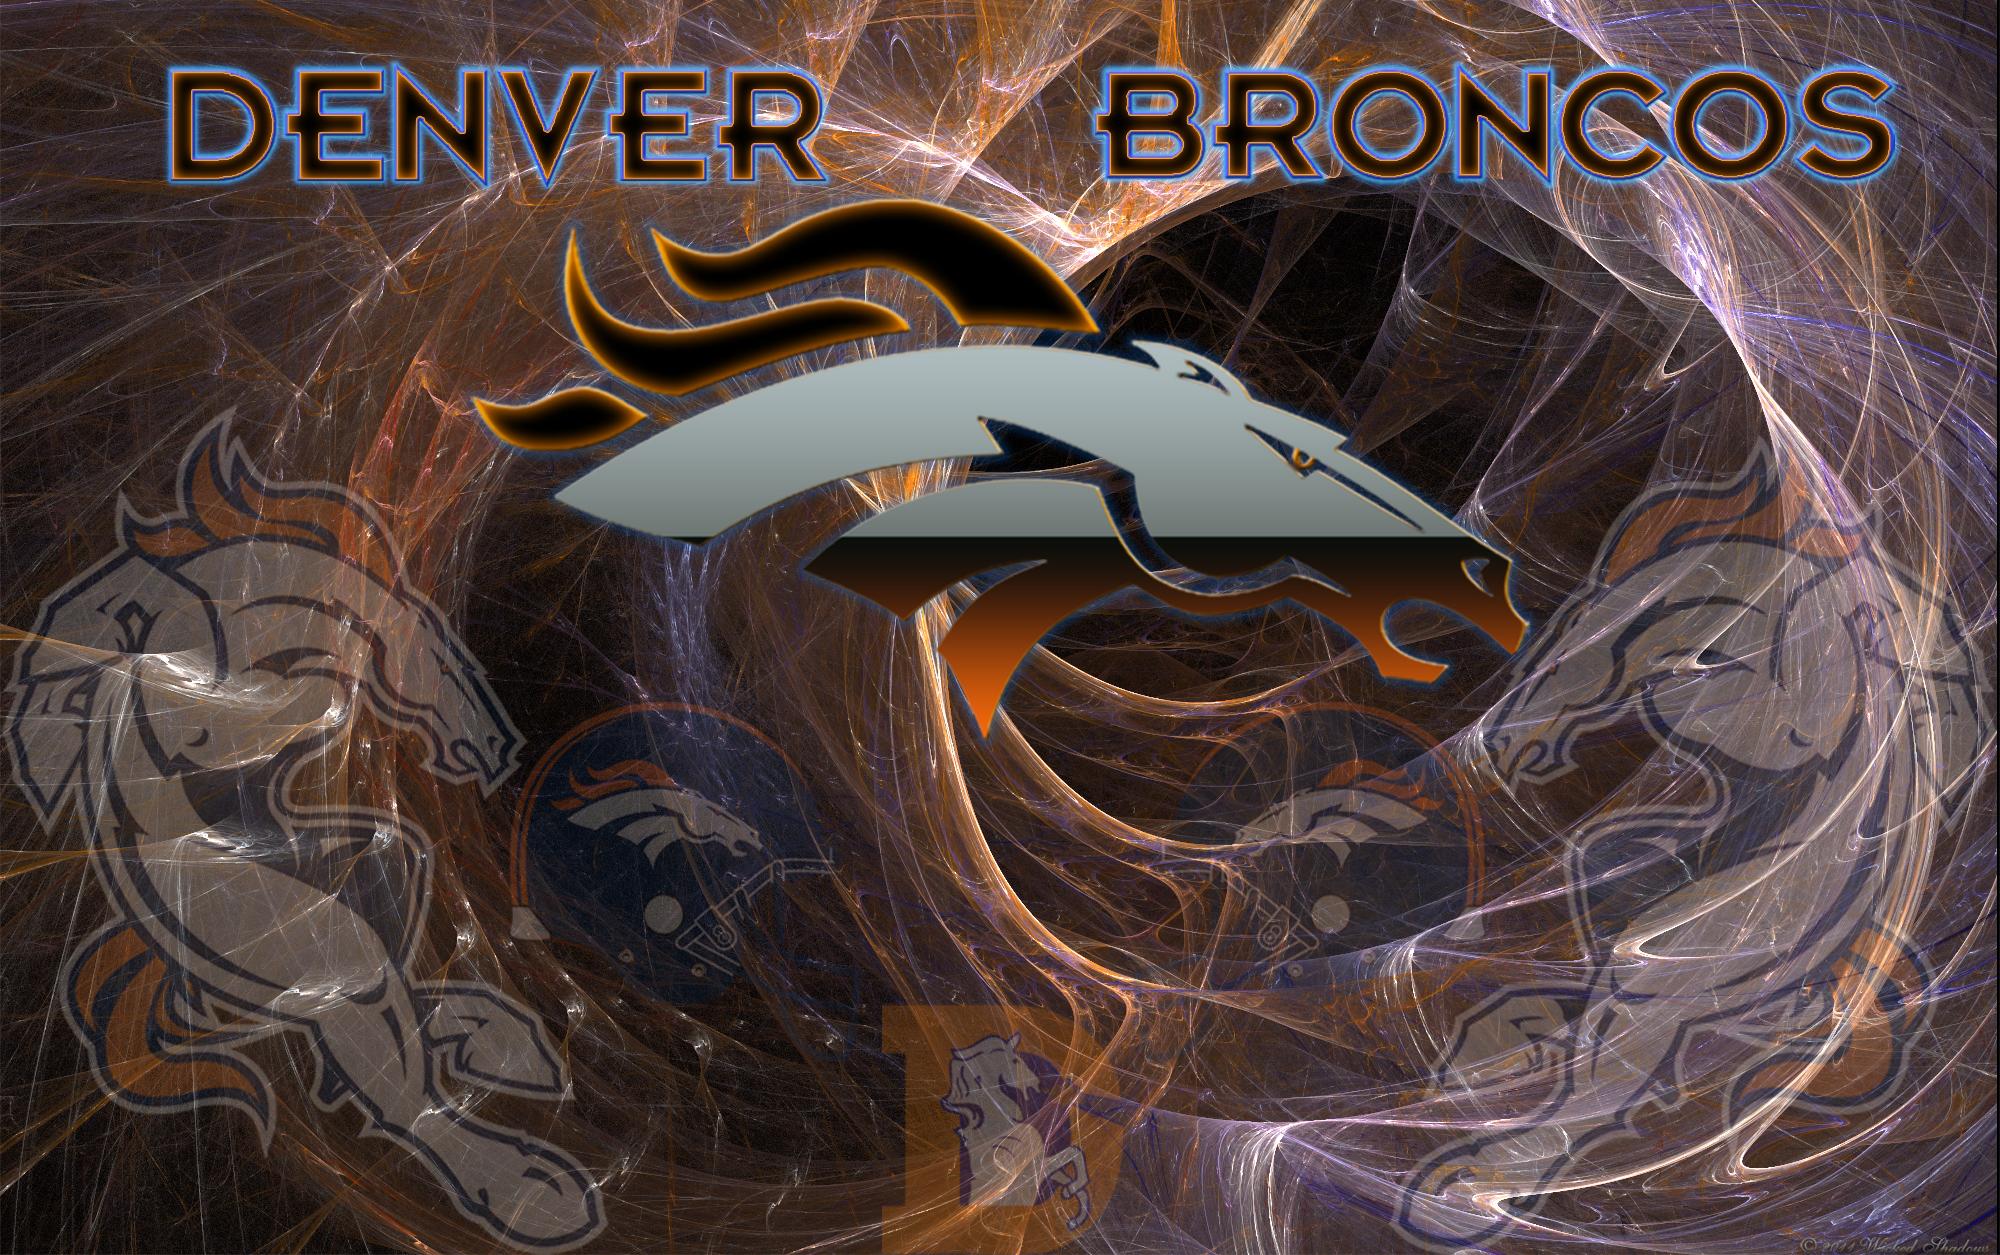 Denver bronco wallpaper for desktop wallpapersafari - Cool broncos wallpapers ...